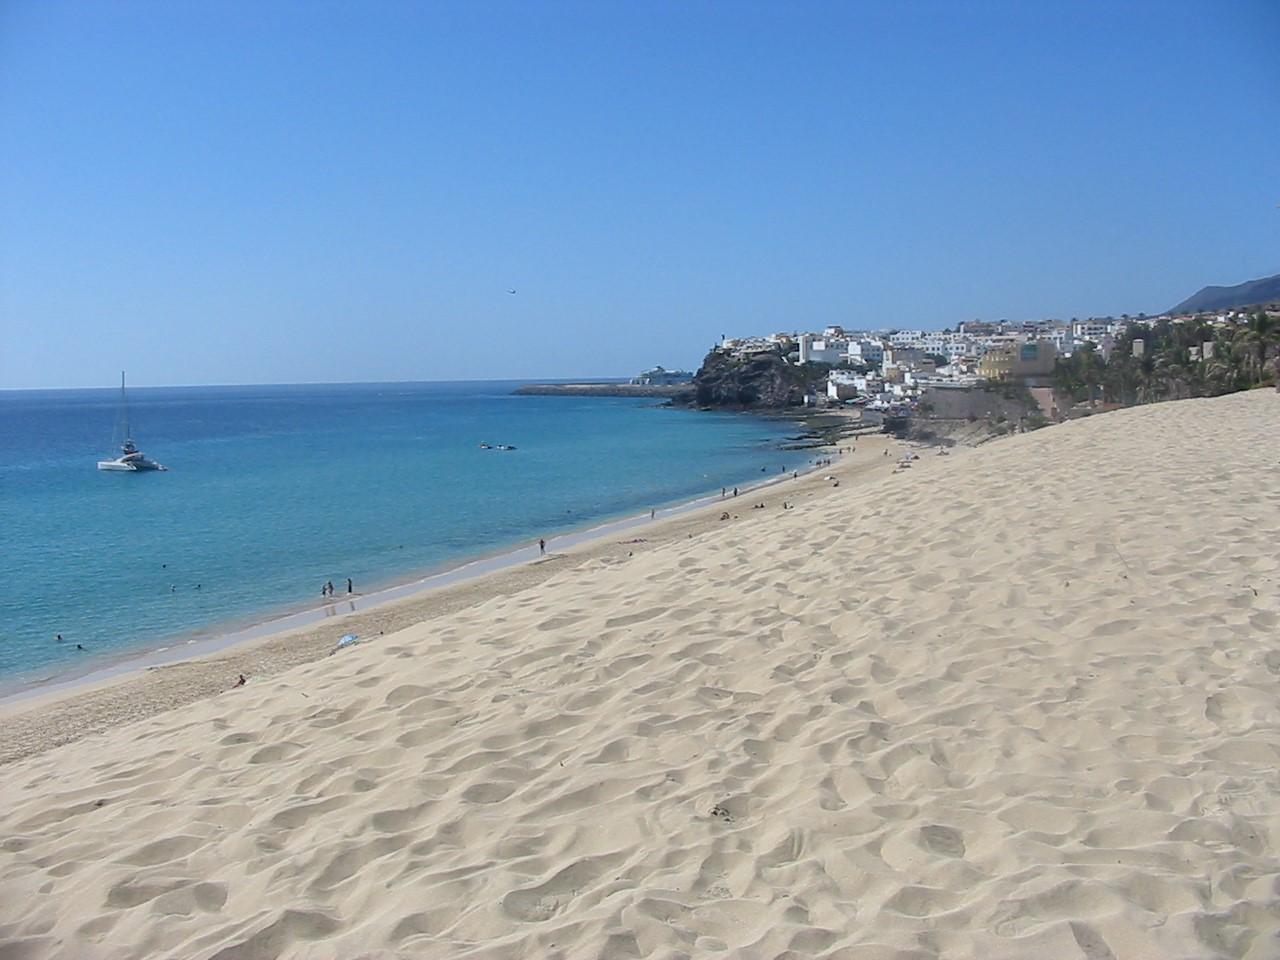 Ferienwohnung Apartment 2 / 4p am Strand und mit allen Dienstleistungen, mit Meerblick, Swimmingpools, a (487787), Morro Jable, Fuerteventura, Kanarische Inseln, Spanien, Bild 28